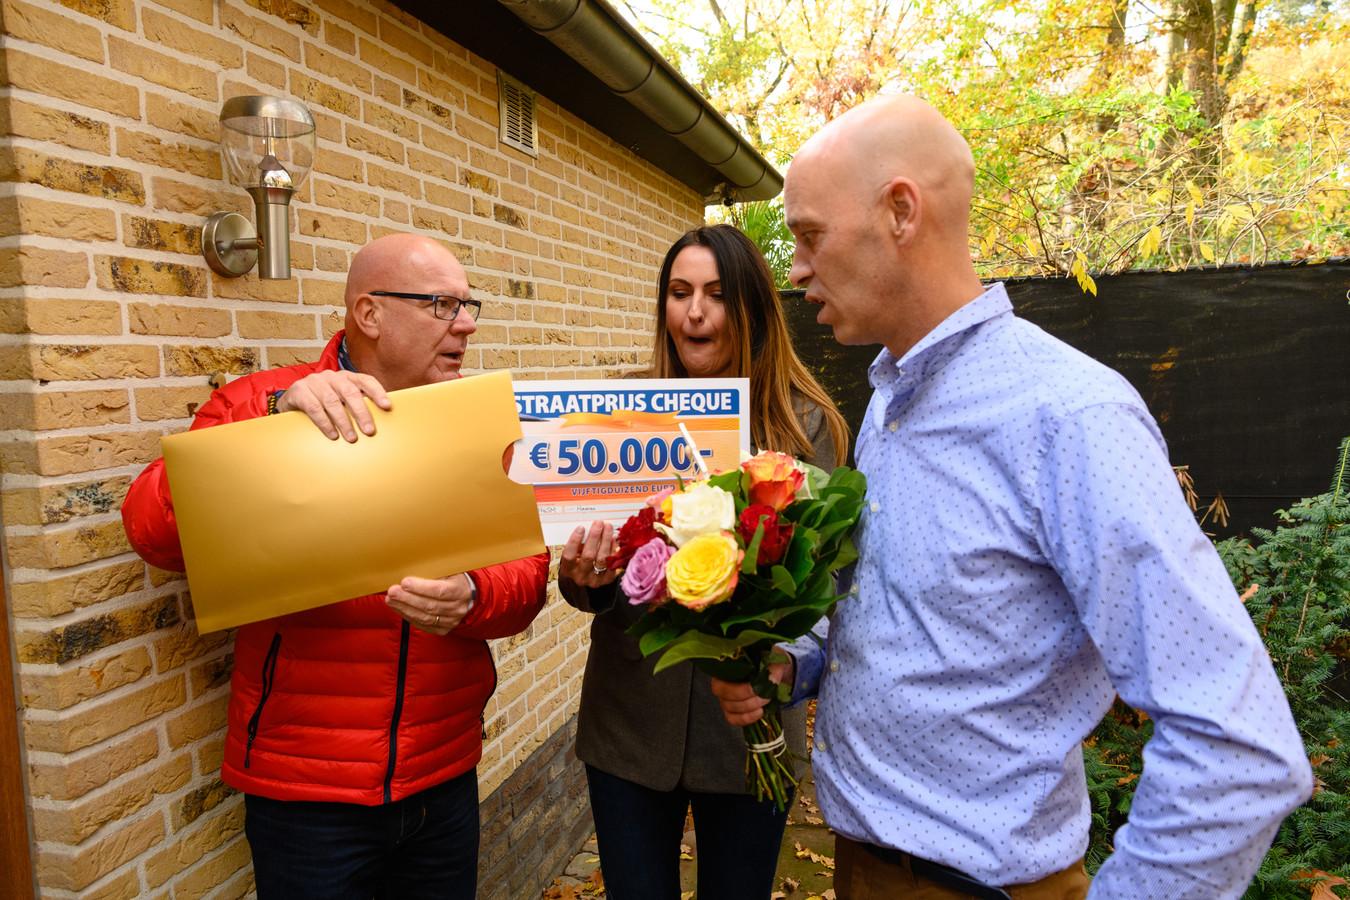 Teresa en haar partner wonnen 50.000 euro. 'En dat op mijn verjaardag! Je maakt ons jaar goed'.